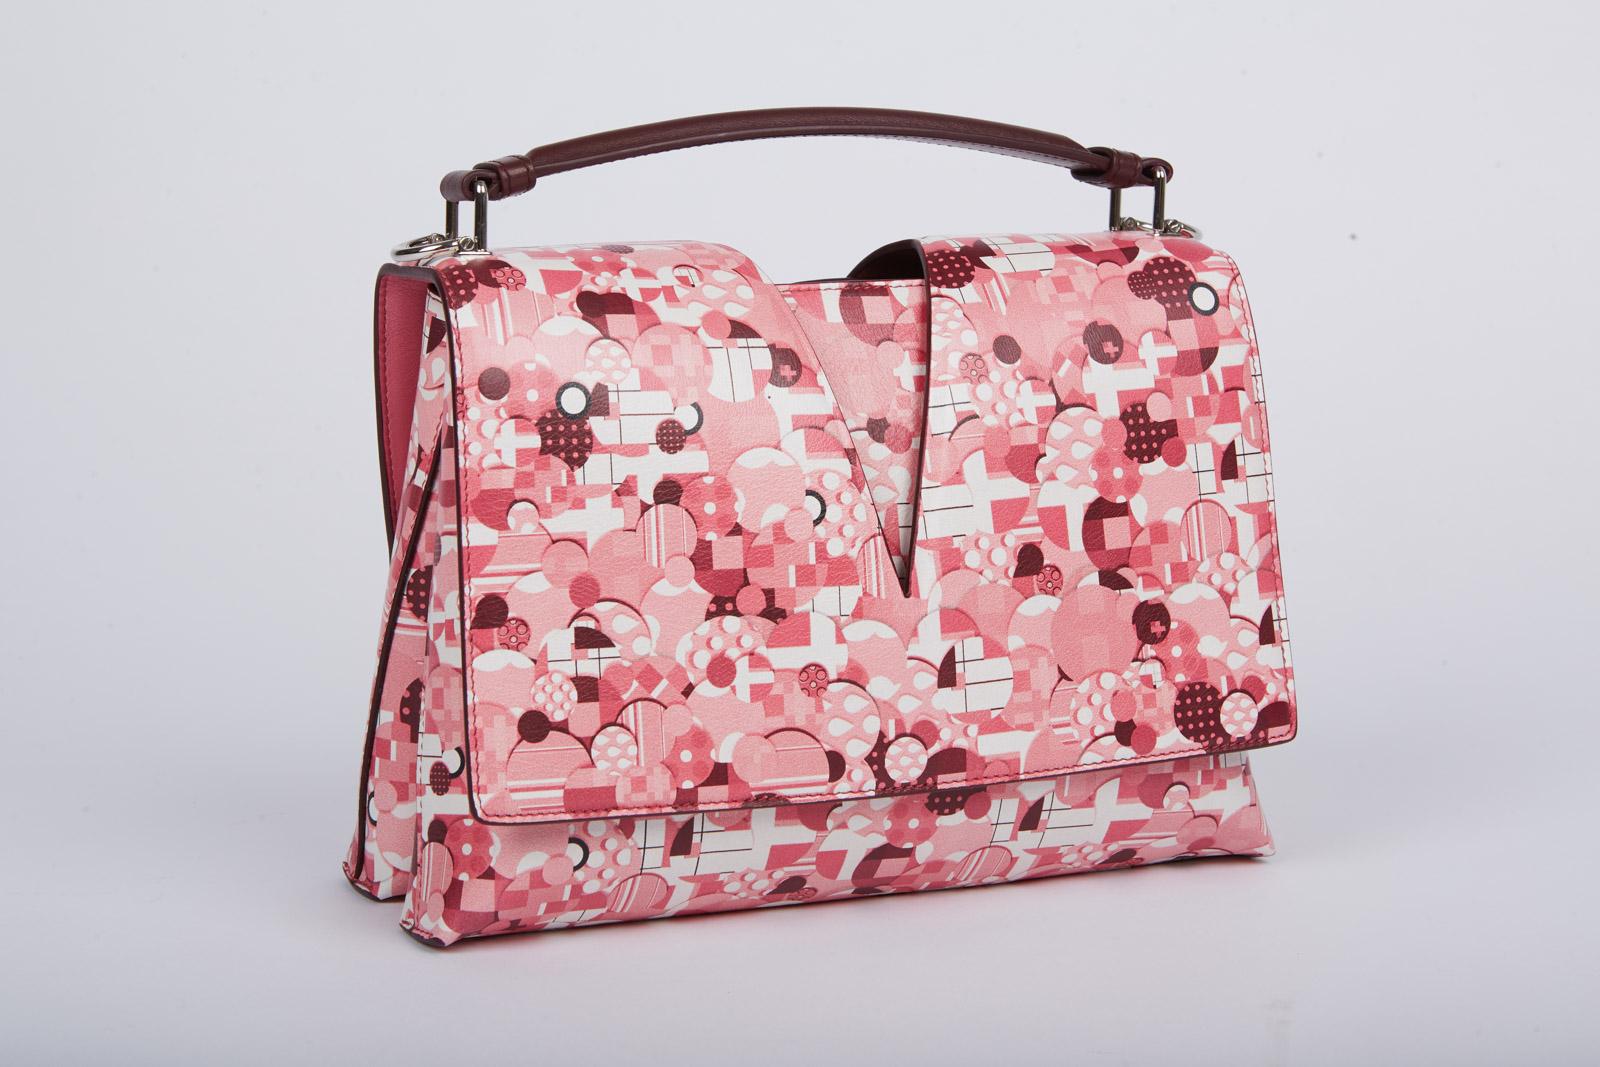 6eced0679d50 Jil Sander выпустил культовую сумку View Bag с принтом a la russe всего в  20 экземплярах